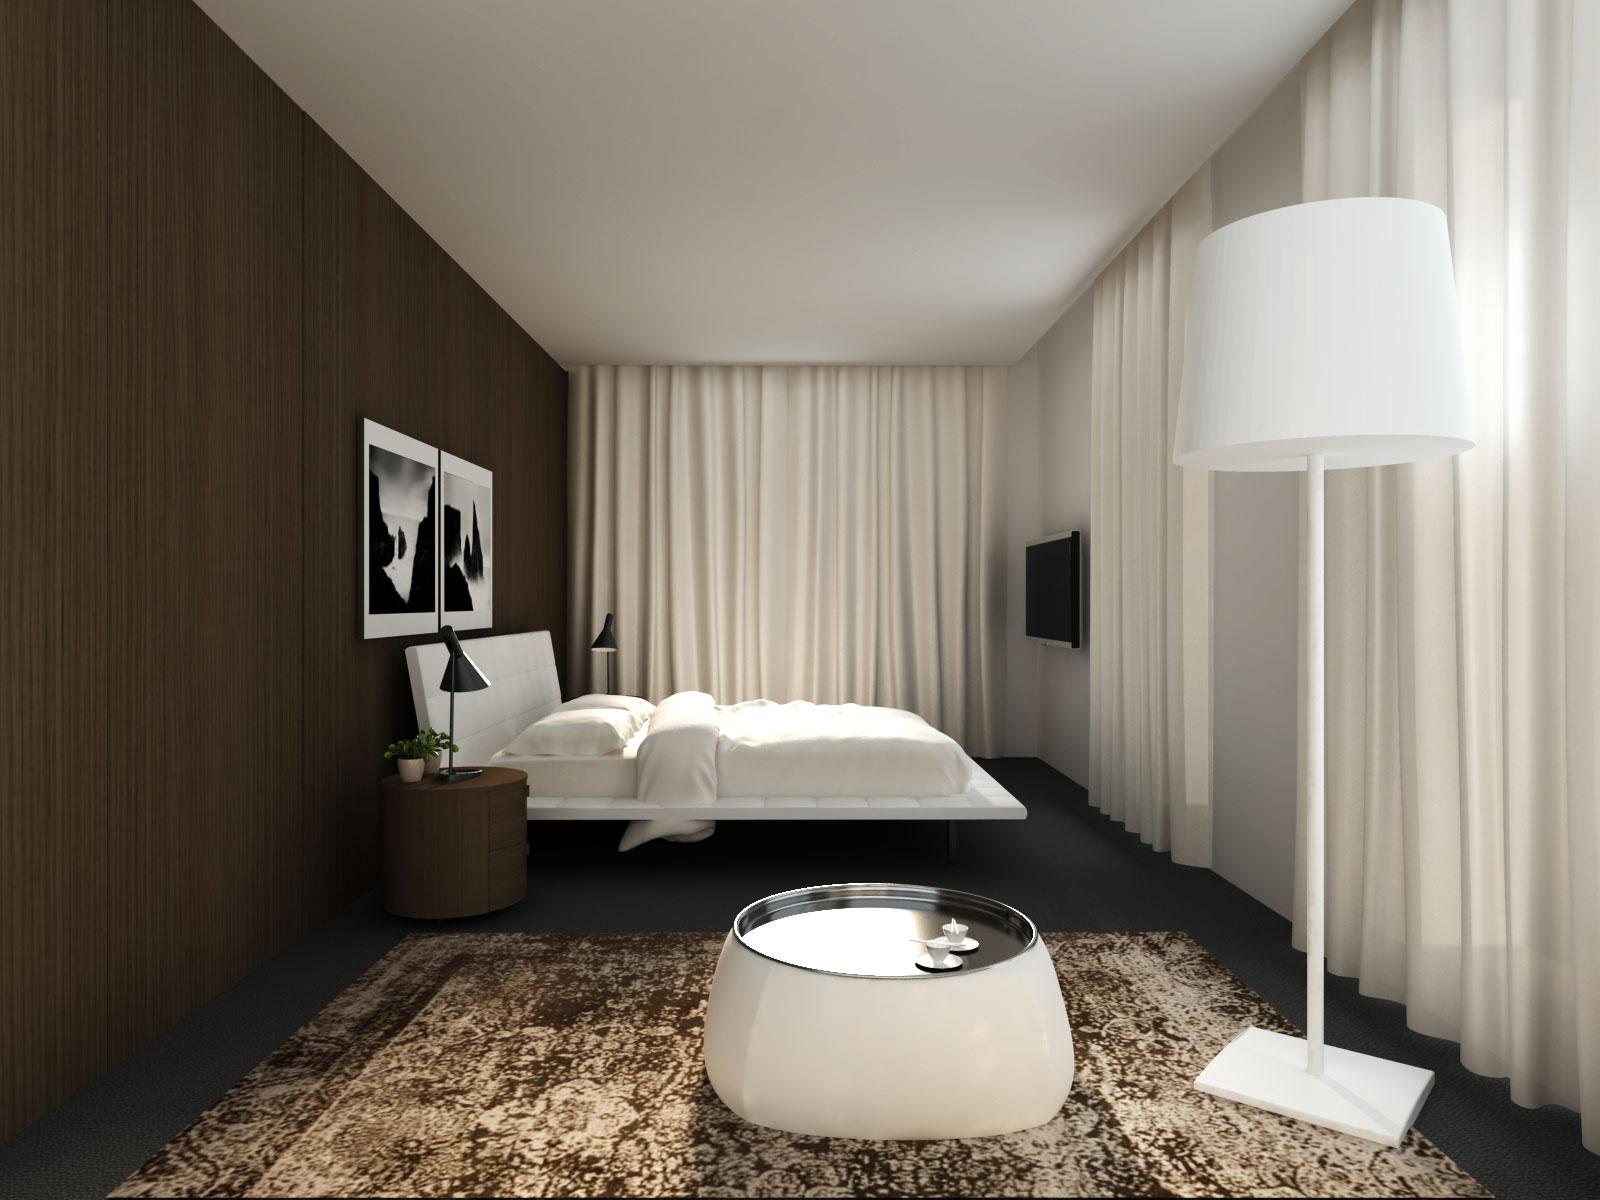 Chambre 3d rui maciel arquitecto for Chambre 3d